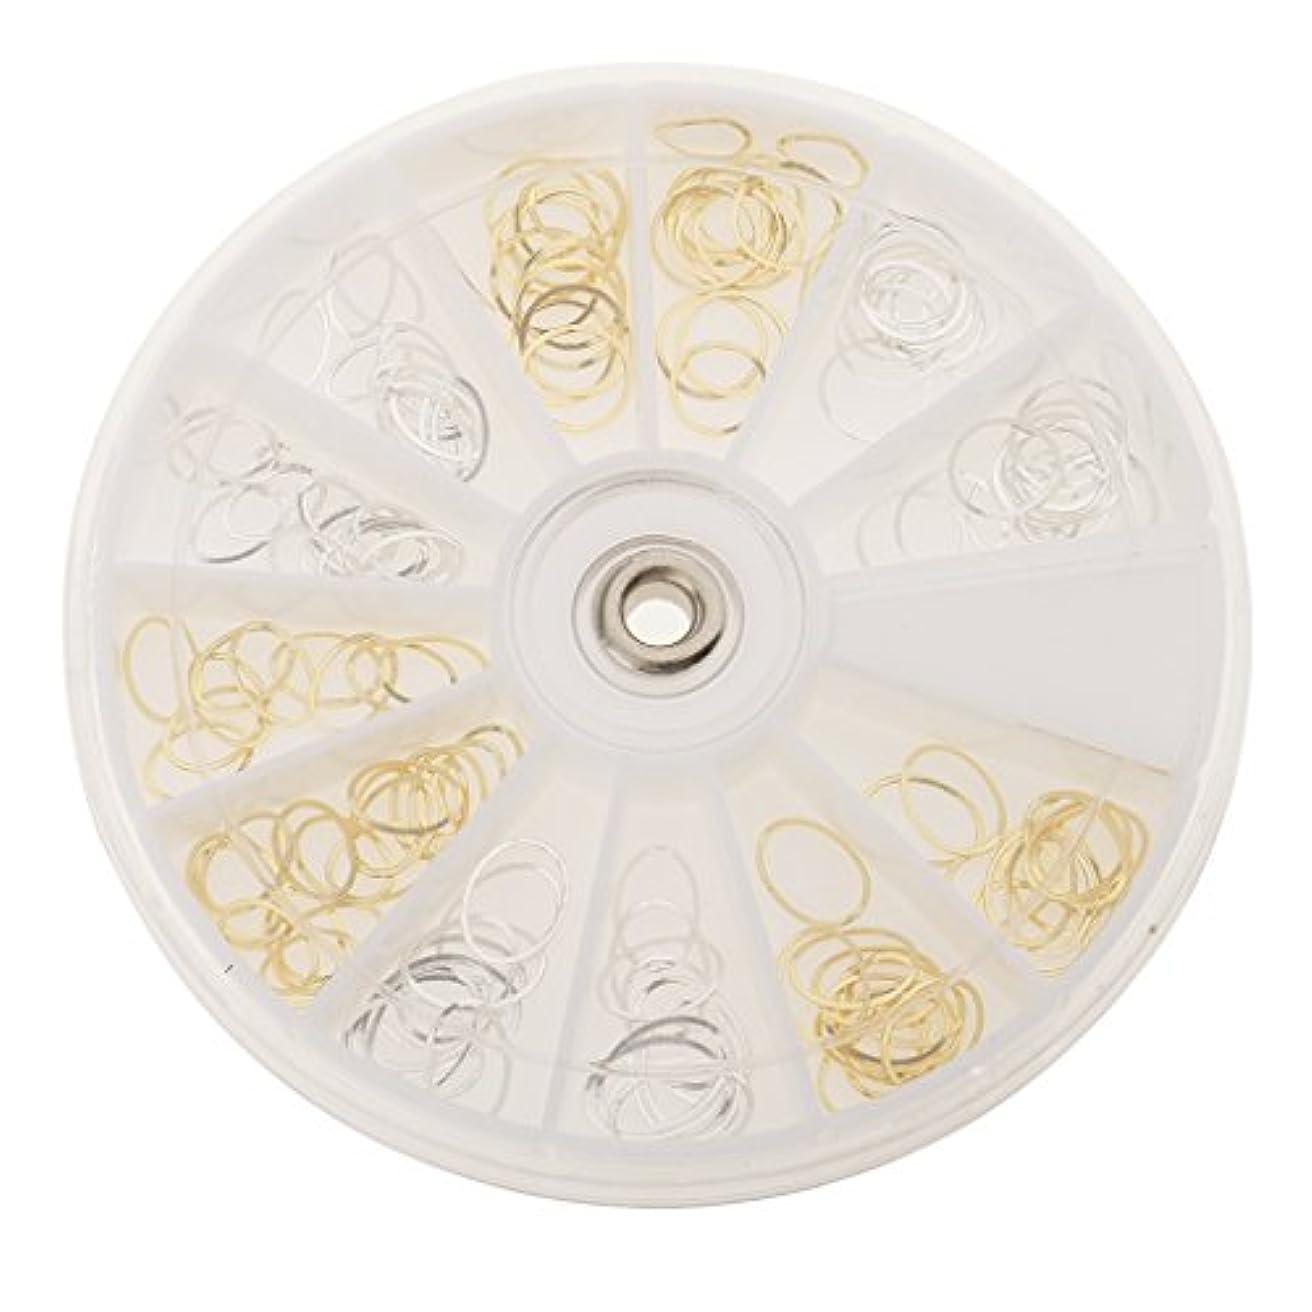 体現する知覚する葉っぱDYNWAVE ロット3dゴールドシルバーデカールステッカーホイールラウンドマニキュアの装飾ネイルアートDIY